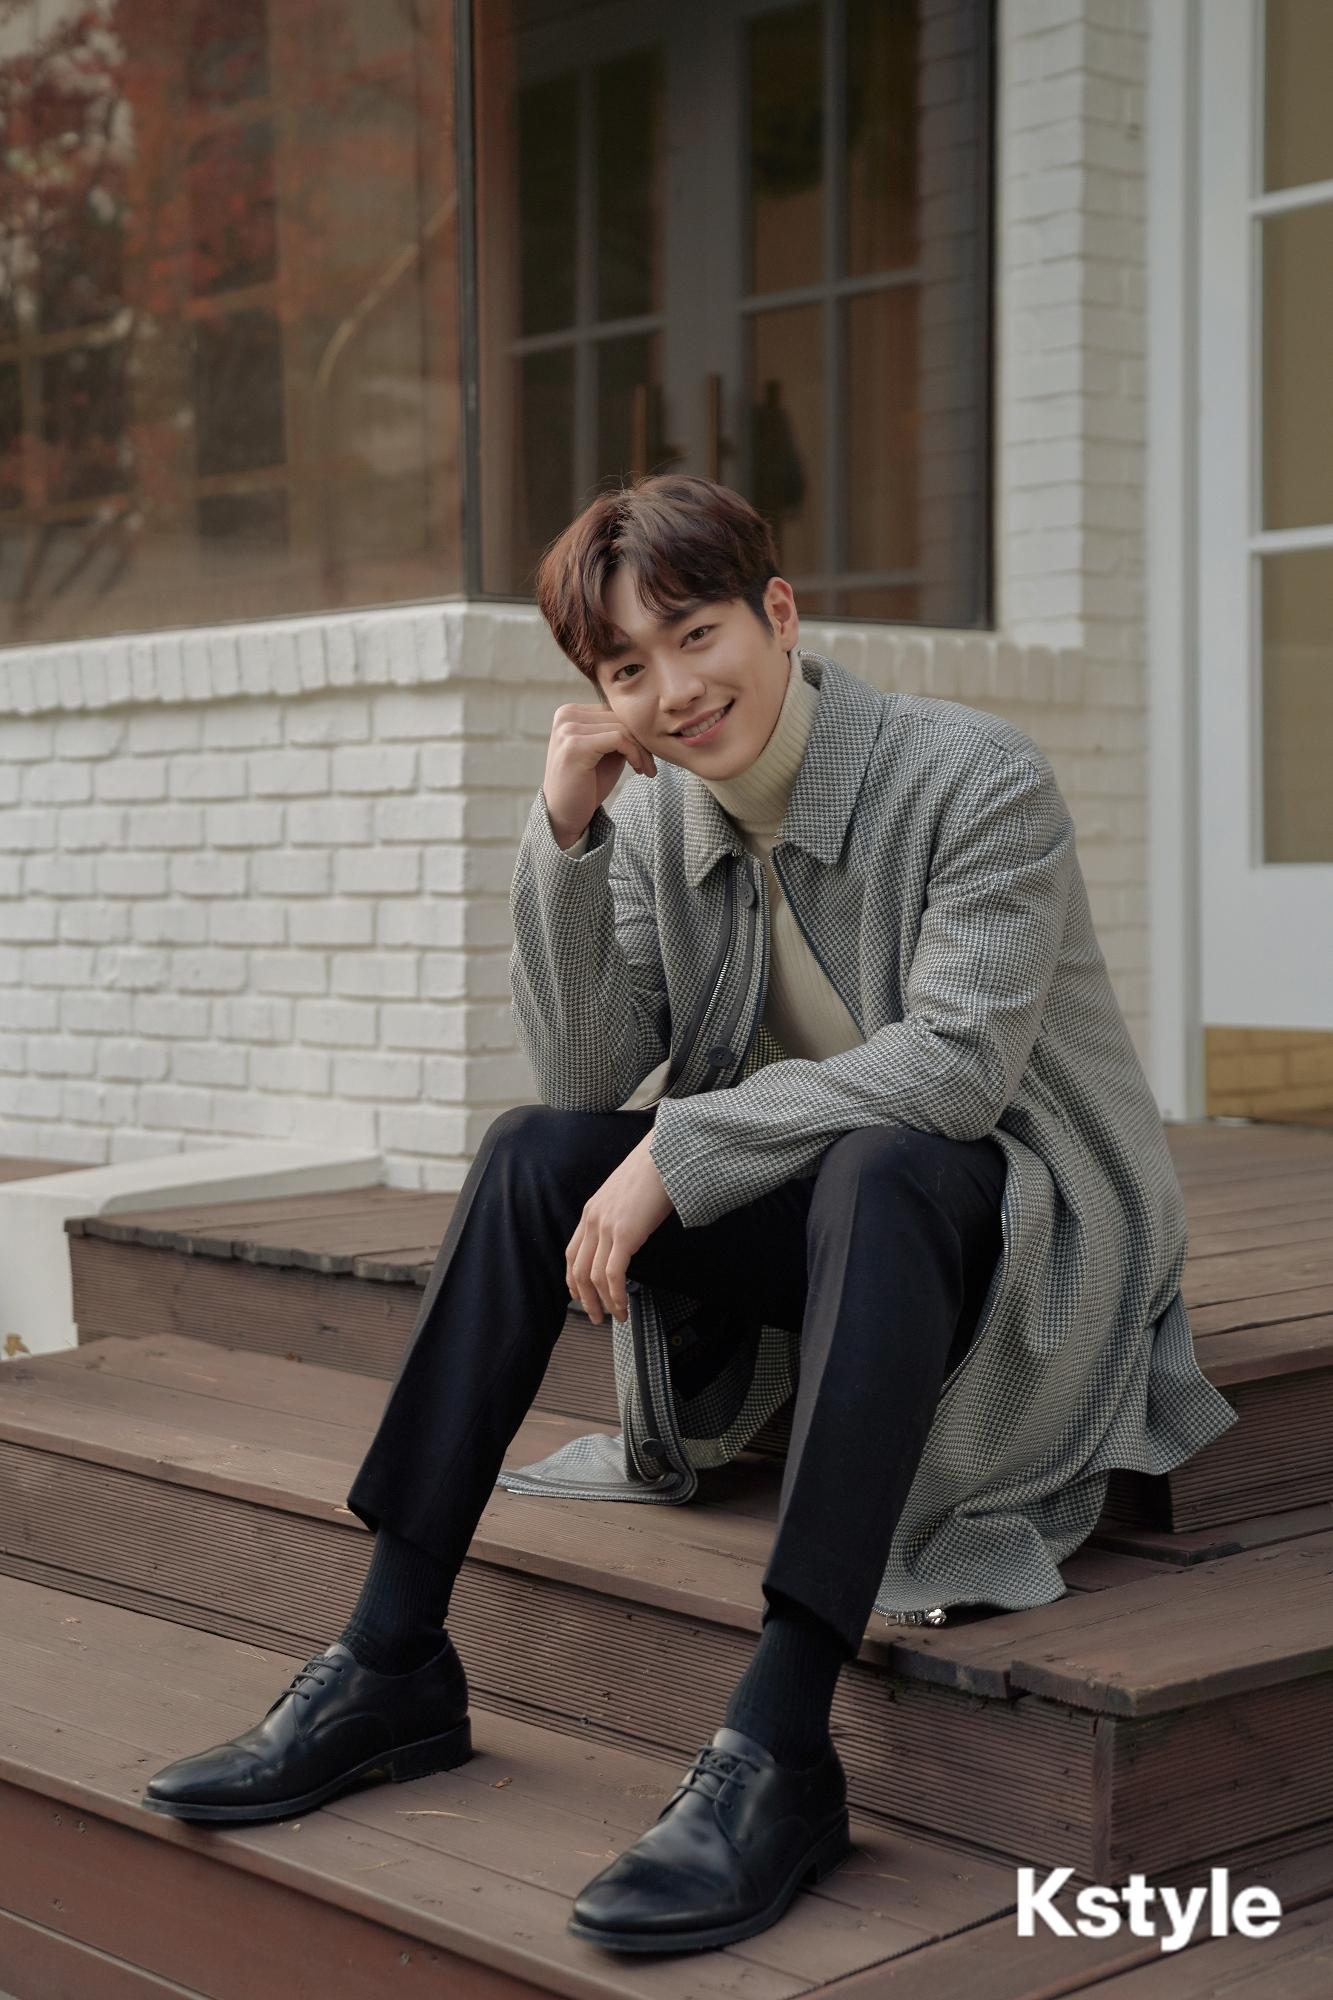 の 第 三 魅力 ドラマ 韓国